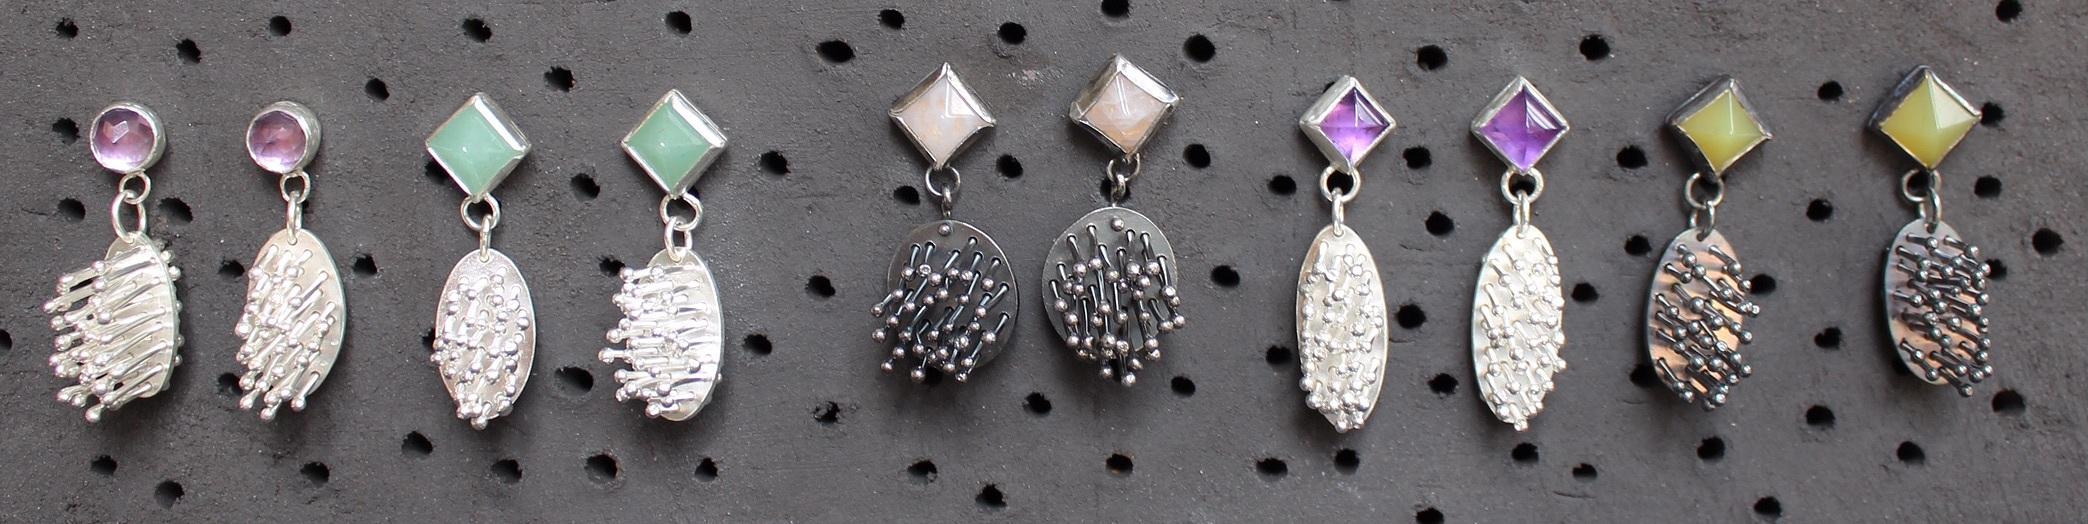 Moss Stone Drop Earrings.jpg